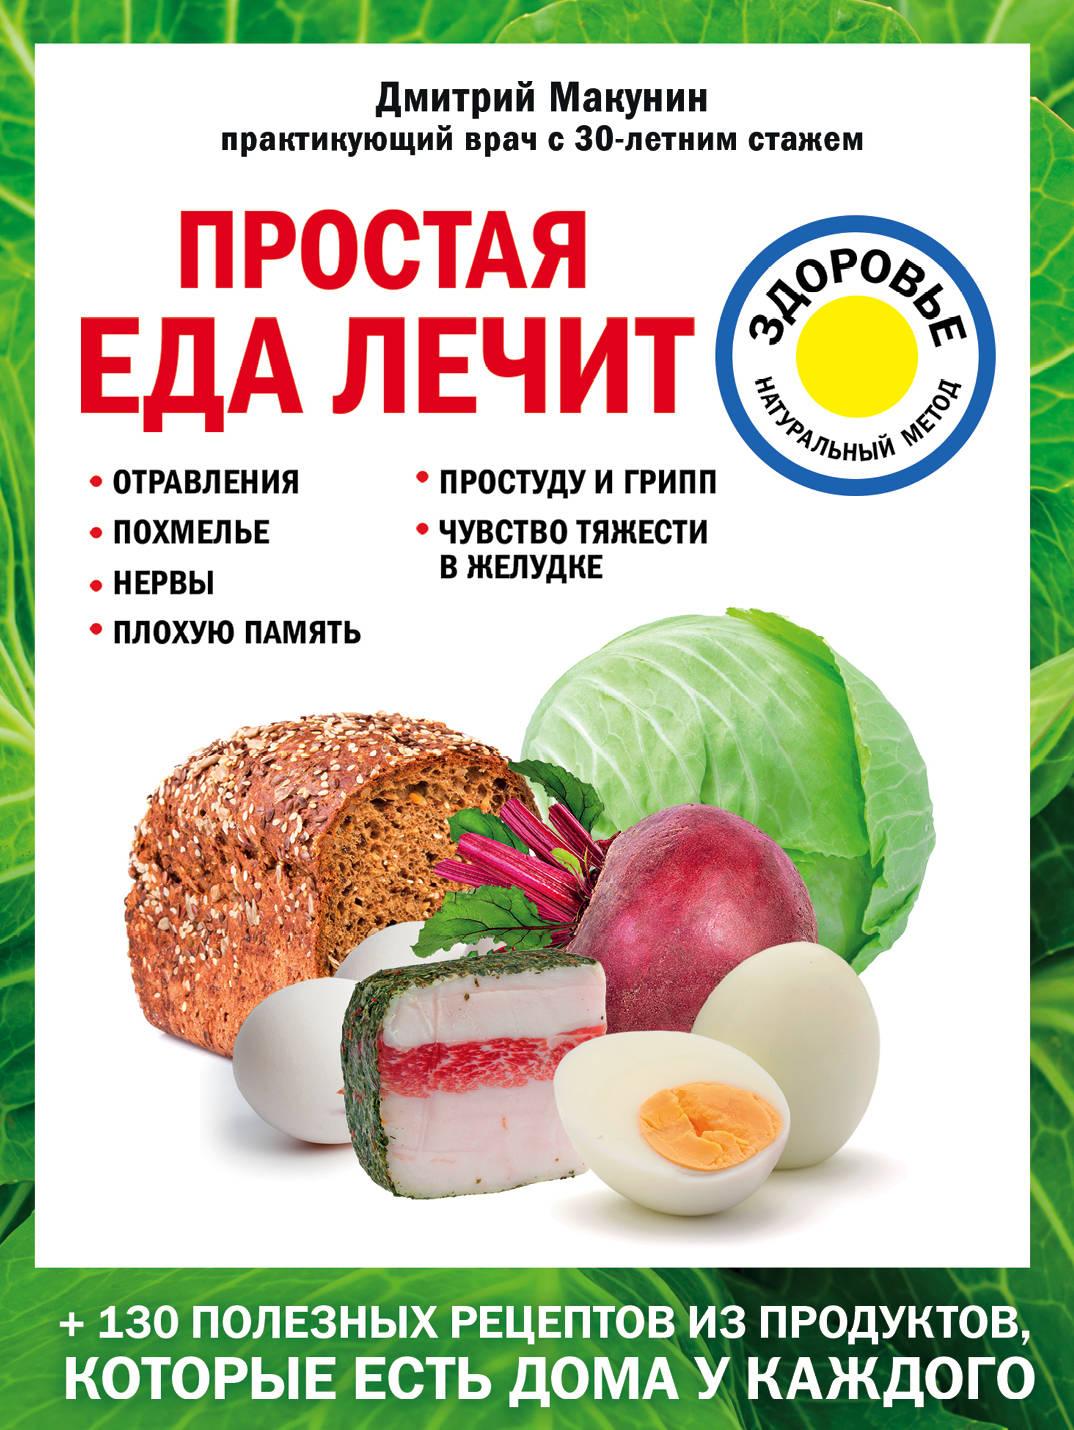 Дмитрий Макунин Простая еда лечит. Отравления, похмелье, нервы, плохую память, простуду и грипп